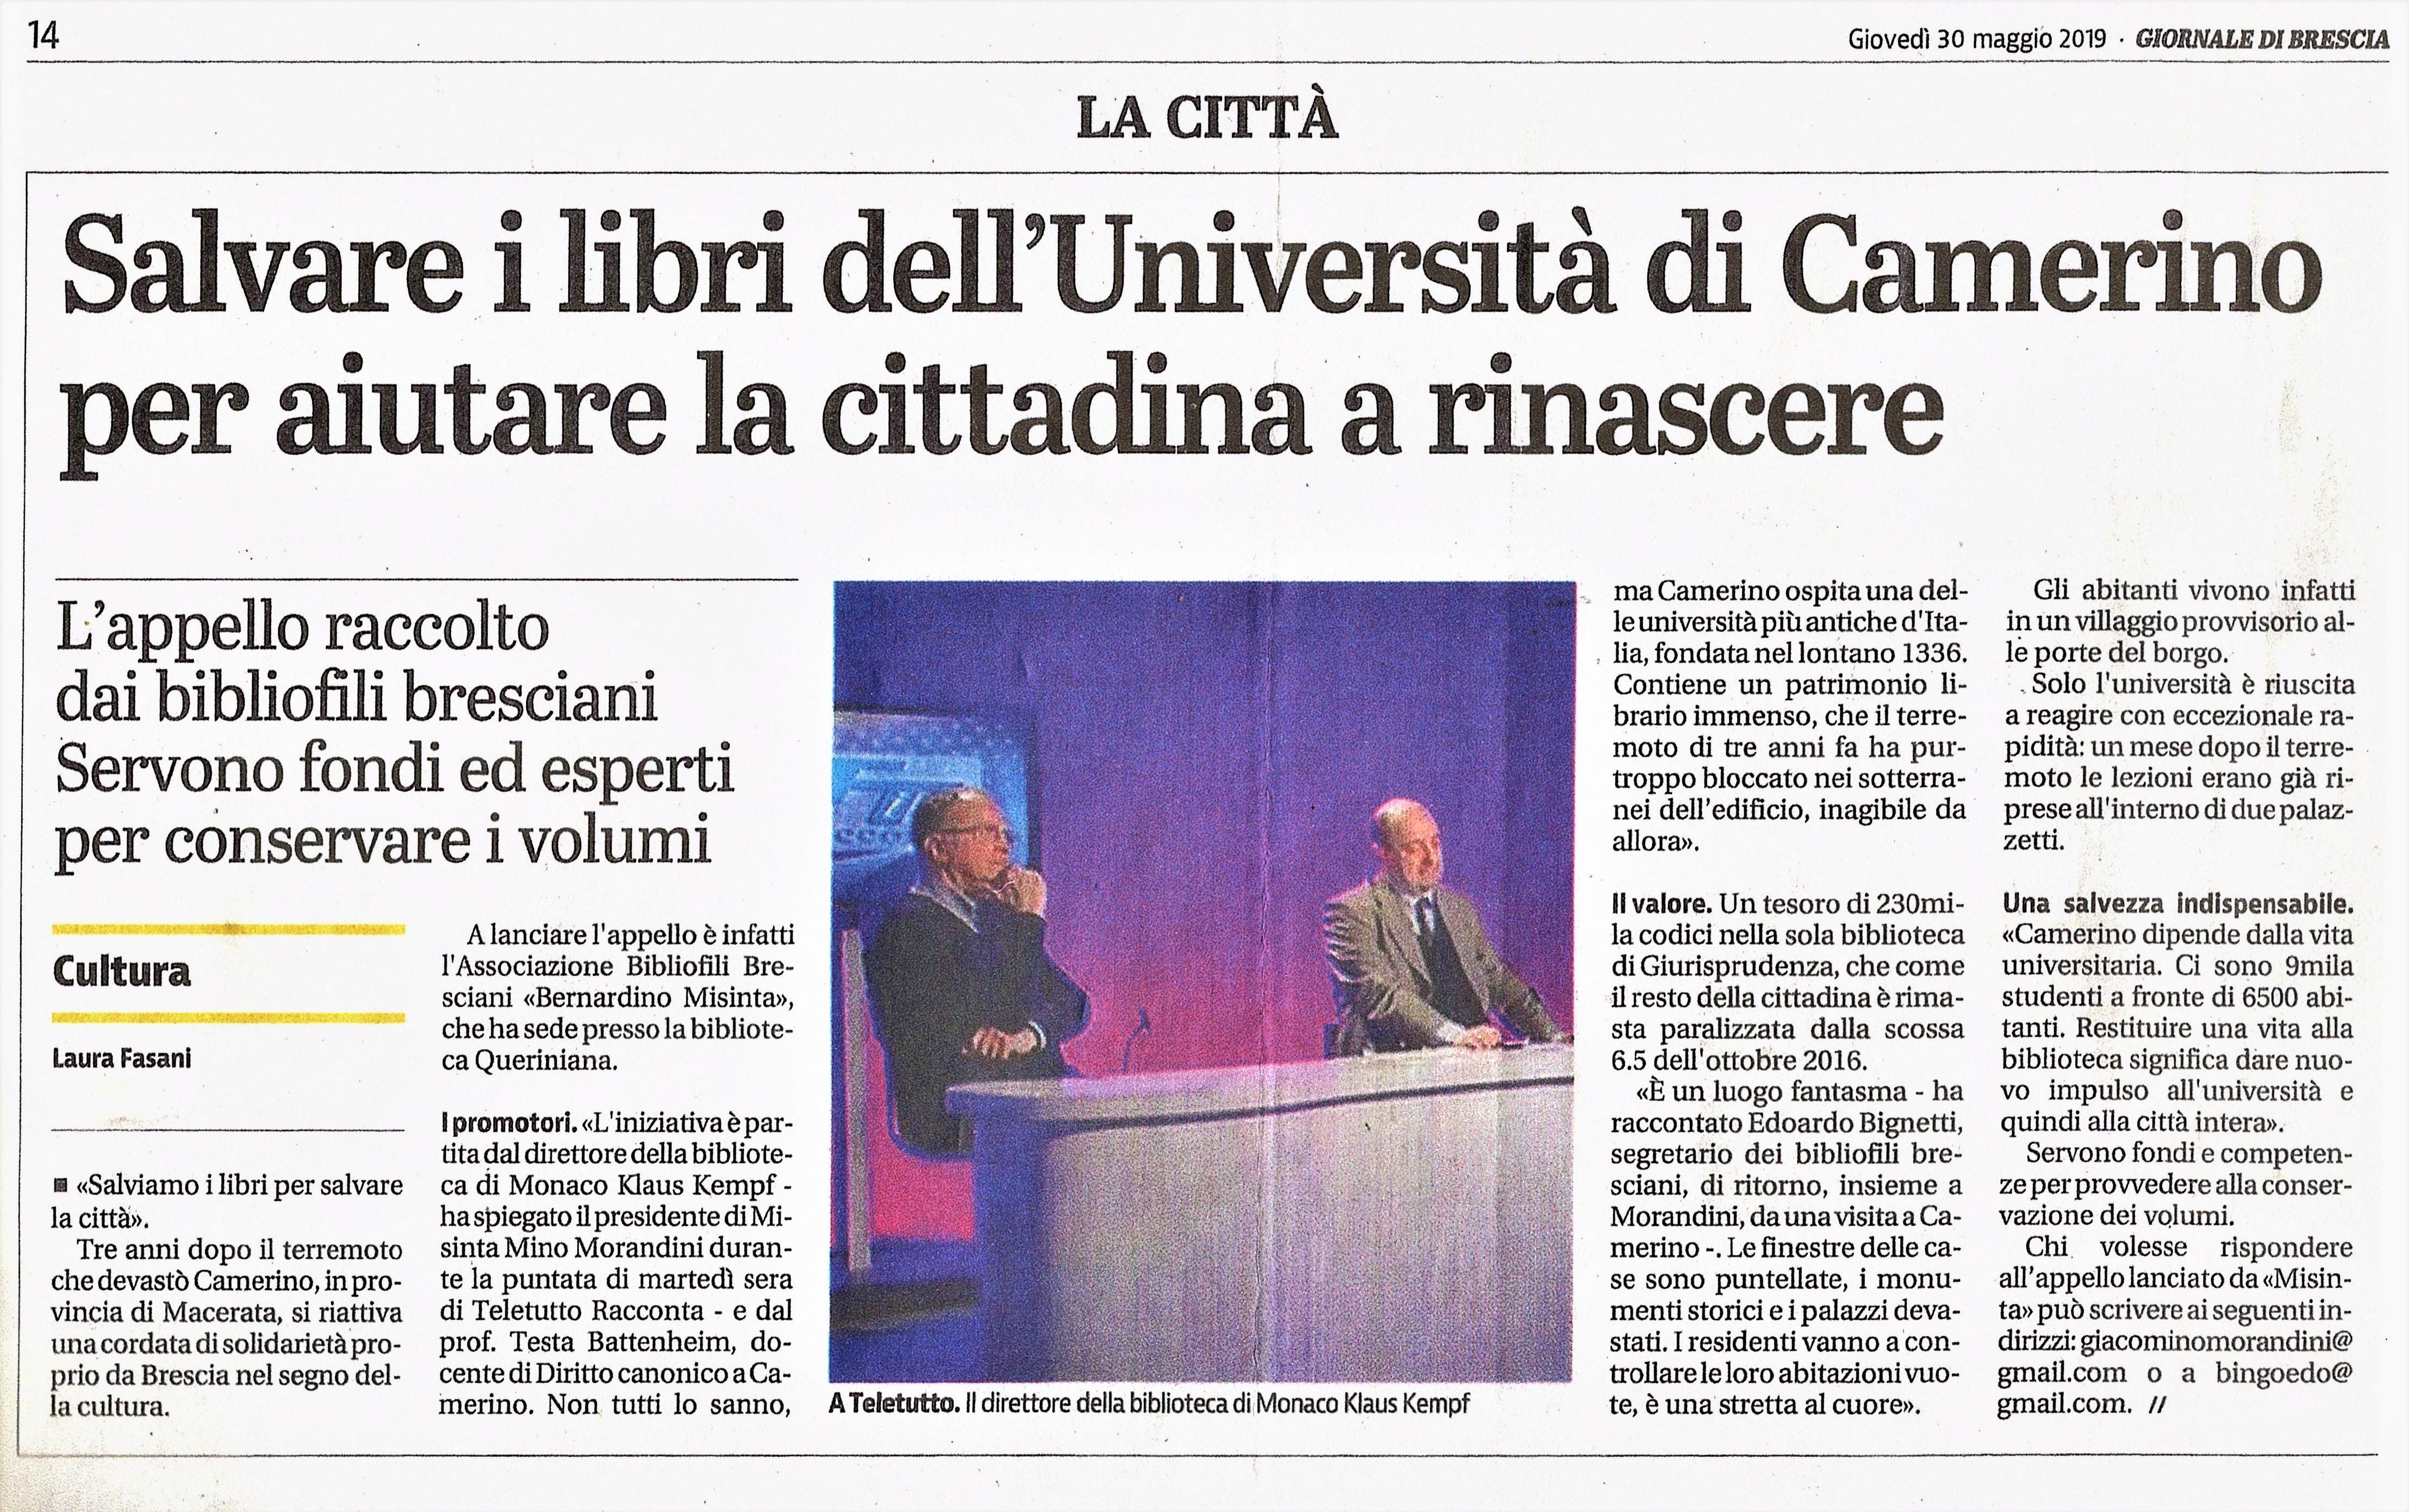 2019-Teletutto BS- M.Morandini E E. Bignetti